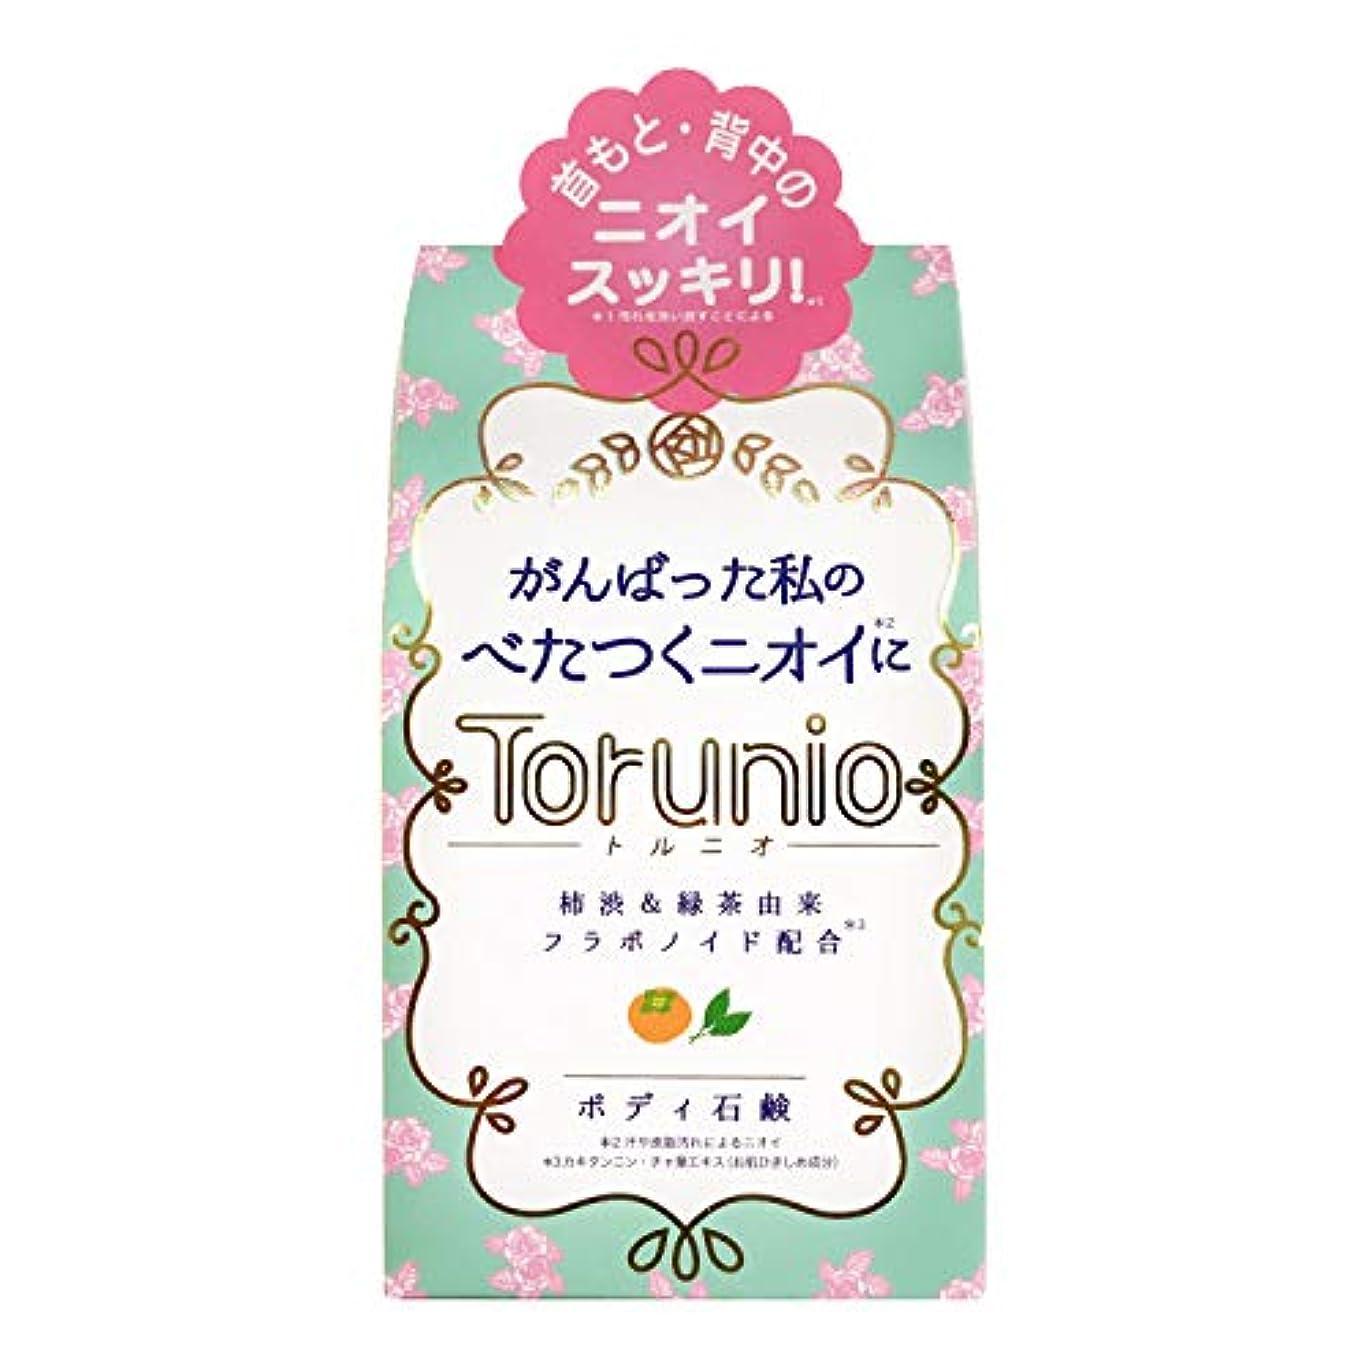 限界可能結果Torunio(トルニオ)石鹸 100g